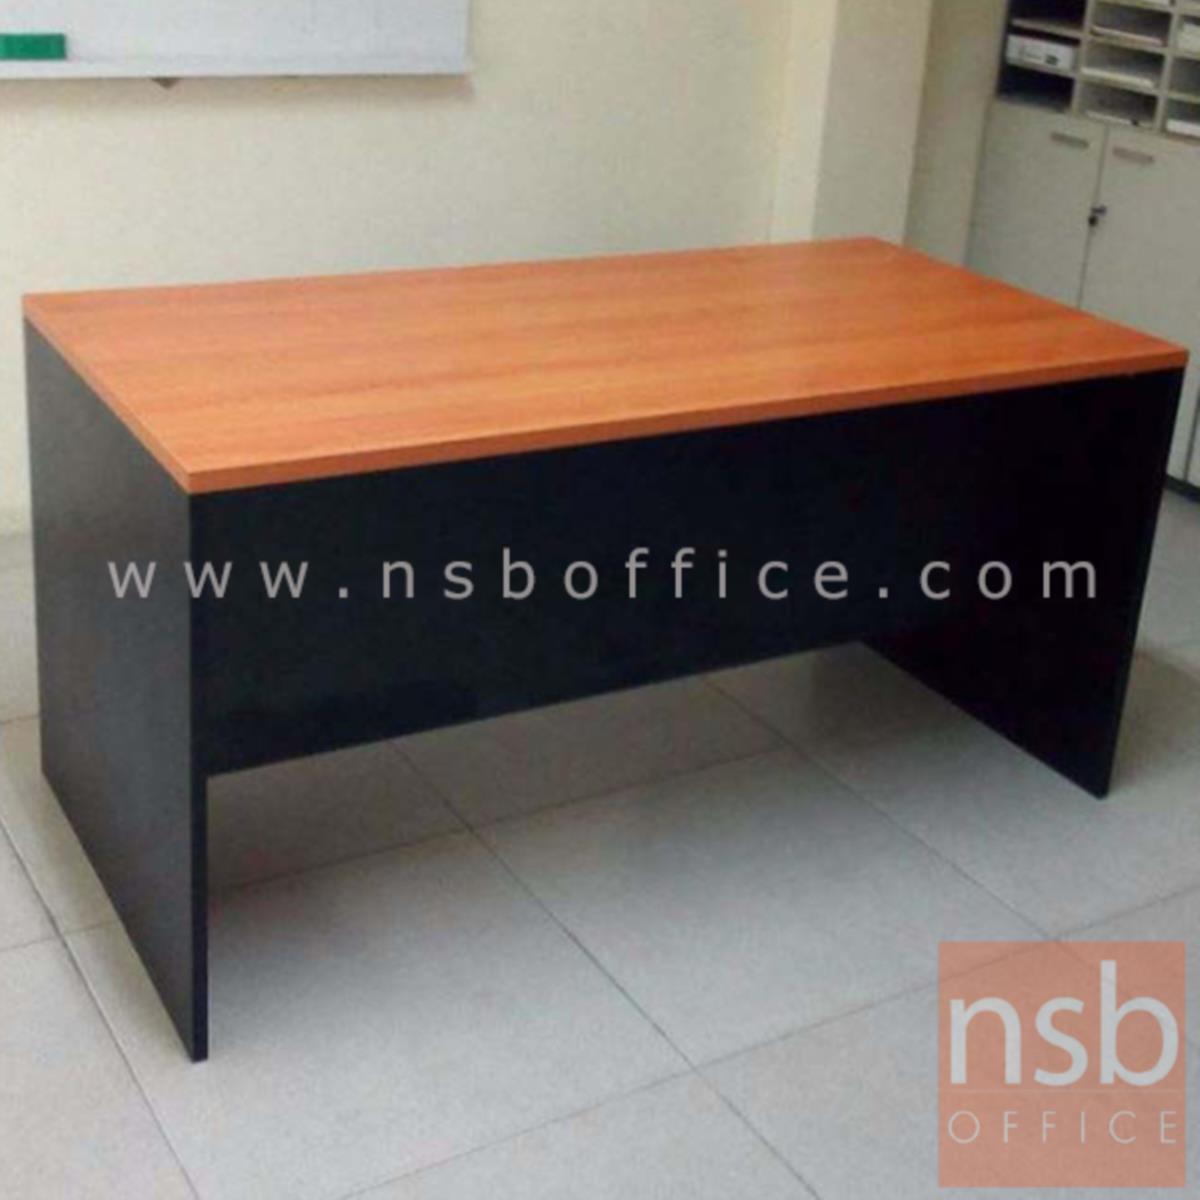 โต๊ะทำงาน 5 ลิ้นชัก รุ่น Marx (มากซ์) ขนาด 150W ,160W ,165W ,180W cm.  พร้อมกุญแจล็อค เมลามีน